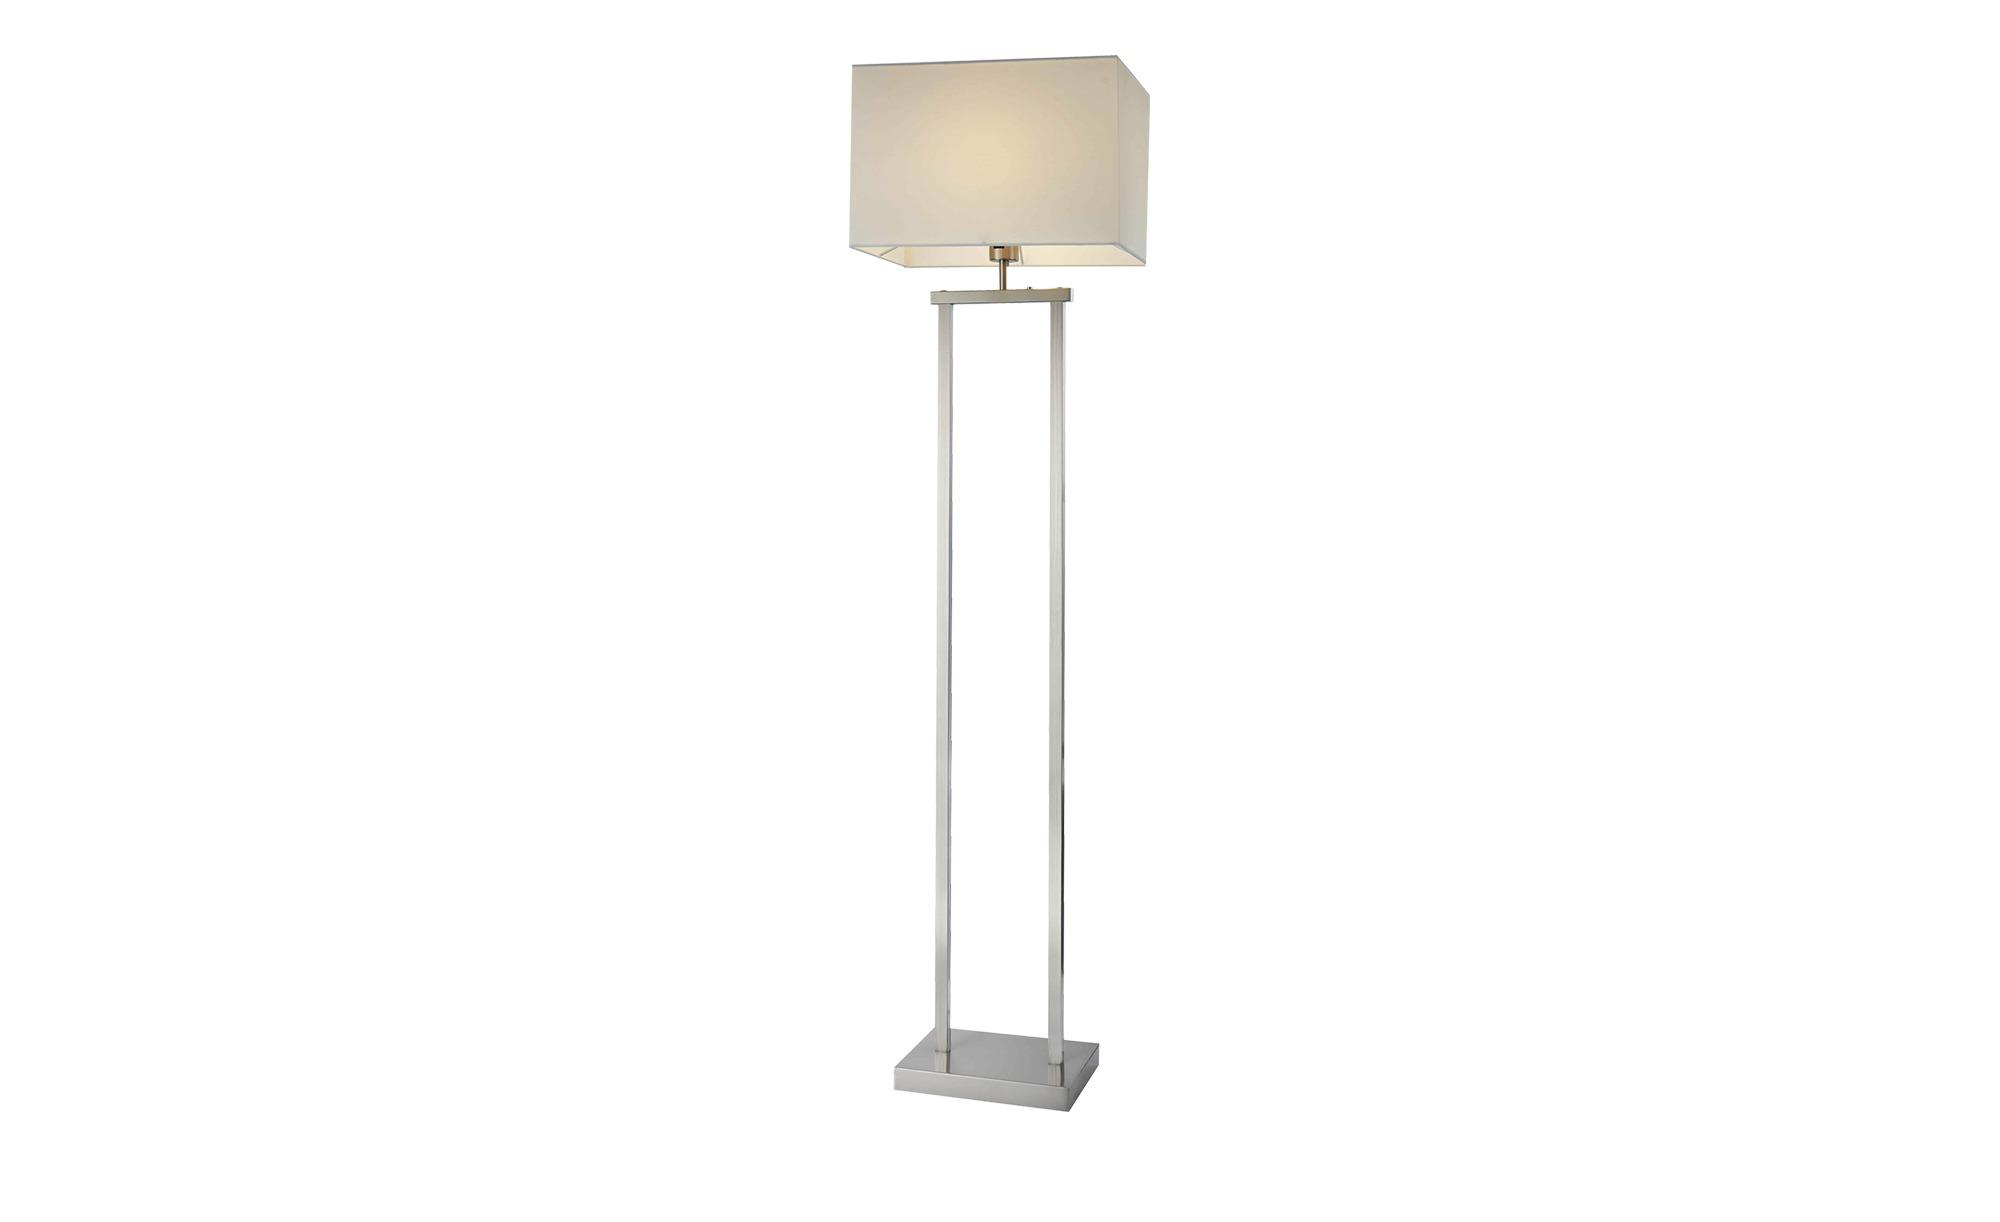 Stehleuchte, Stoffschirm in eckig ¦ silber ¦ Maße (cm): B: 27 H: 150 Lampen & Leuchten > Innenleuchten > Stehlampen - Höffner